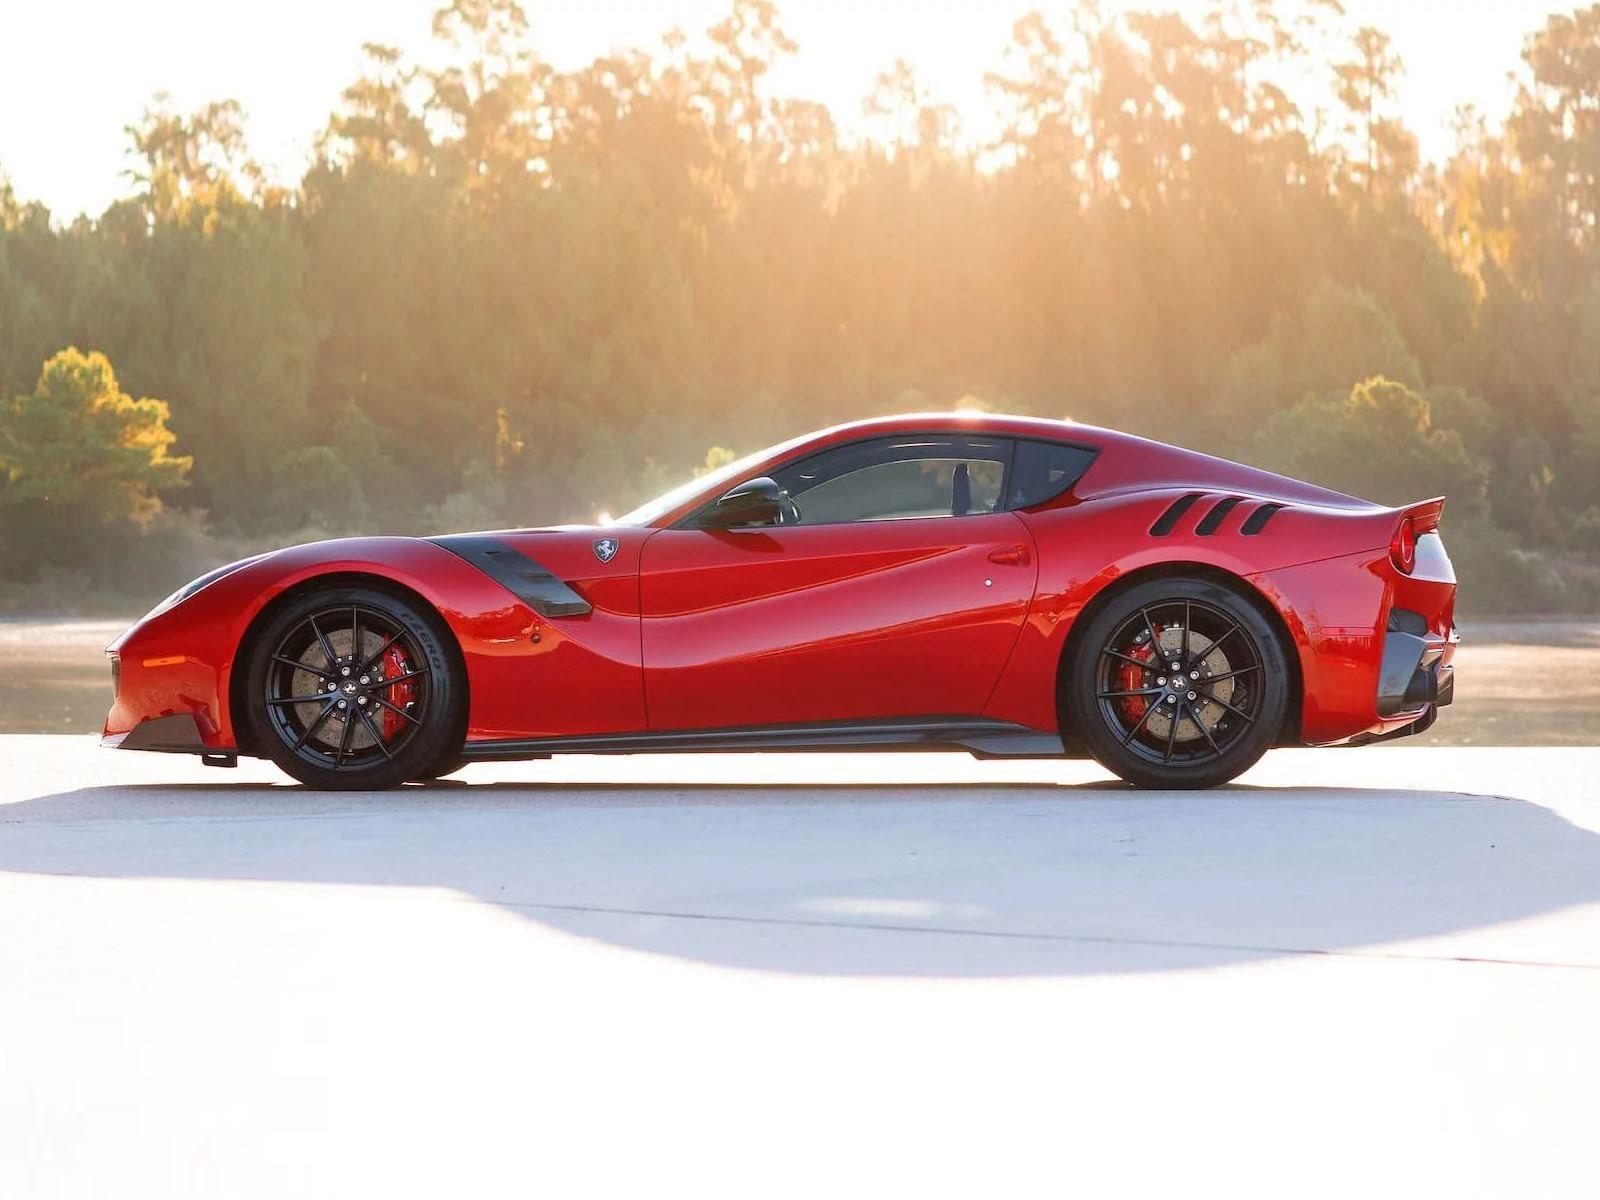 Если вы планируете купить Ferrari с двигателем V12, будьте готовы долго ждать 812 Superfast, потому что флагманский суперкар продан на следующие пять лет. Однако появилась возможность получить кое-что даже лучше - мы говорим, конечно, о его предшеств